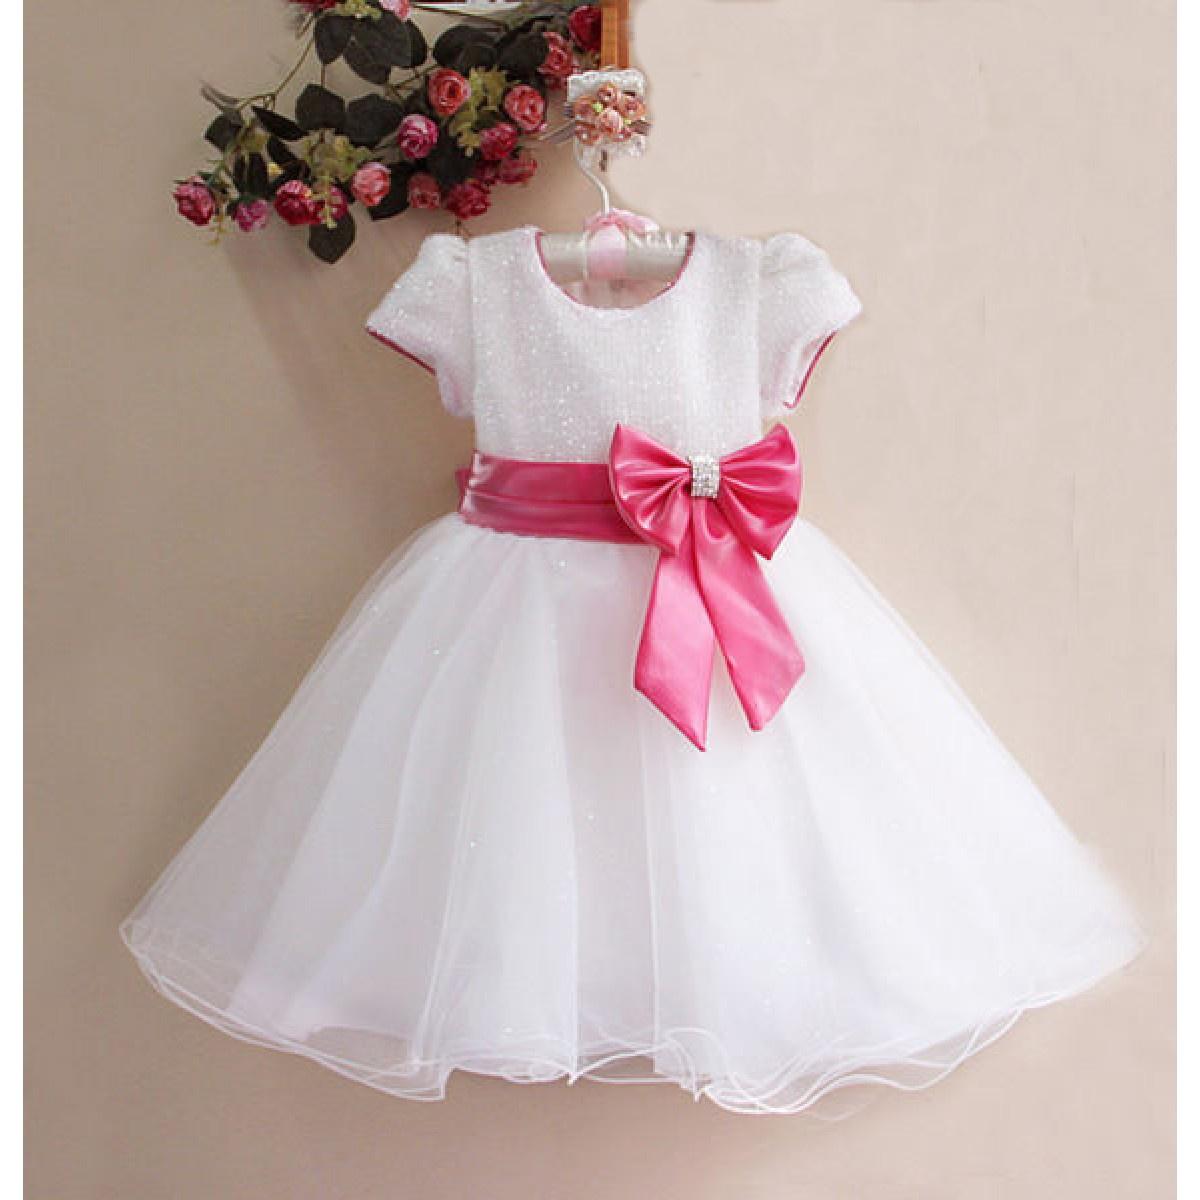 Как сшить новогоднее платье для девочки 10 лет